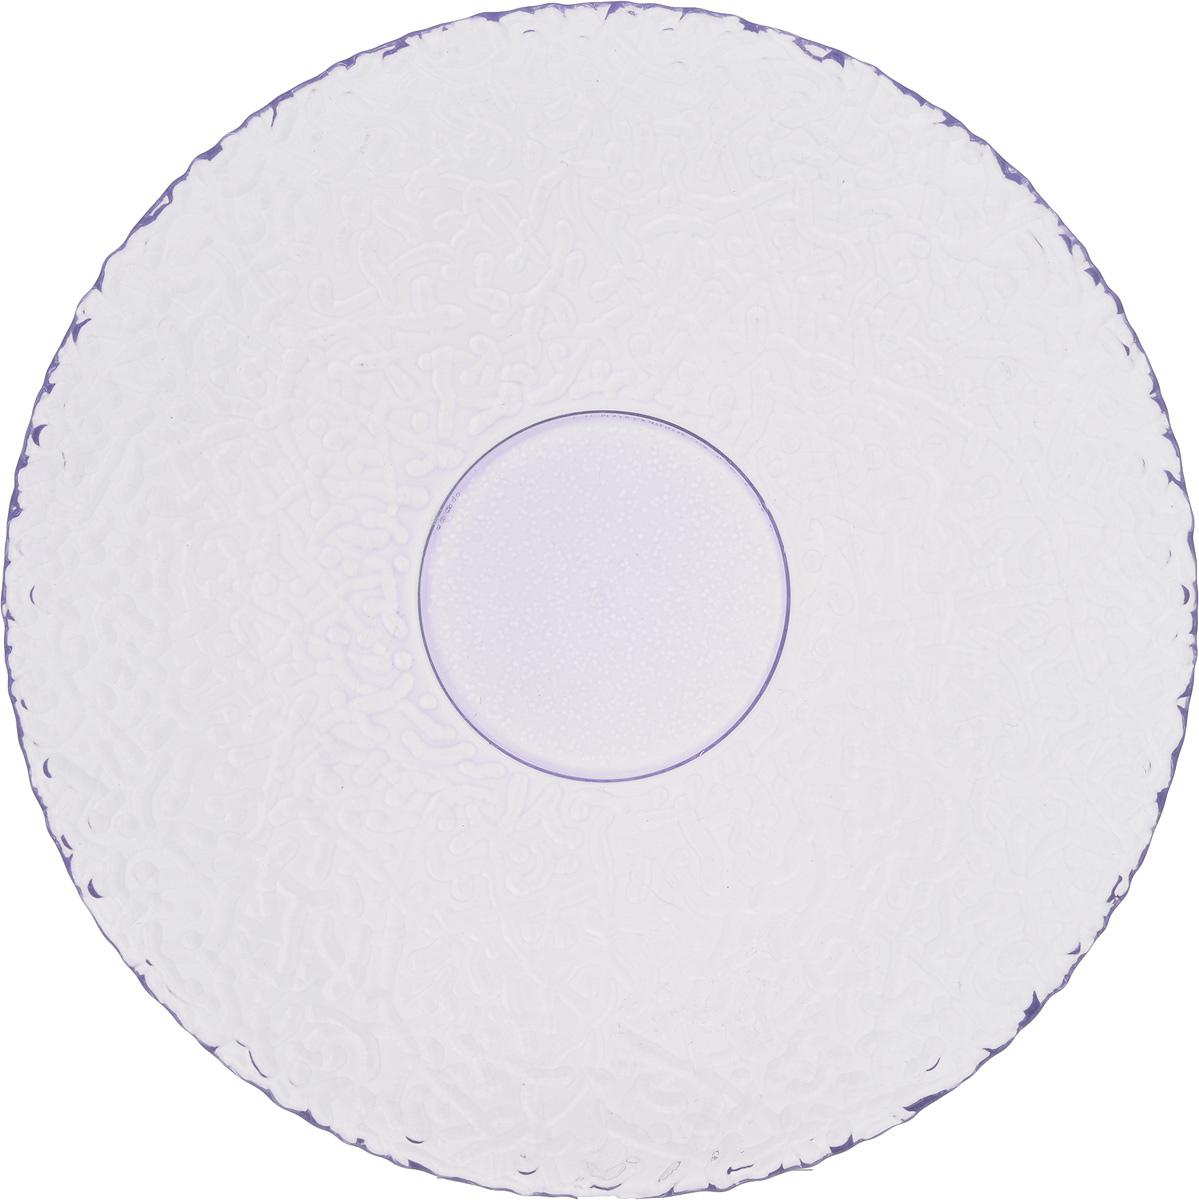 Тарелка NiNaGlass Ажур, цвет: светло-сиреневый, диаметр 21 см830127 2301Тарелка NiNaGlass Ажур выполнена из высококачественного стекла и имеет рельефнуюповерхность. Она прекрасно впишется в интерьер вашей кухни и станет достойным дополнениемк кухонному инвентарю. Тарелка NiNaGlass Ажур подчеркнет прекрасный вкус хозяйки и станет отличным подарком.Диаметр тарелки: 21 см.Высота: 2,5 см.